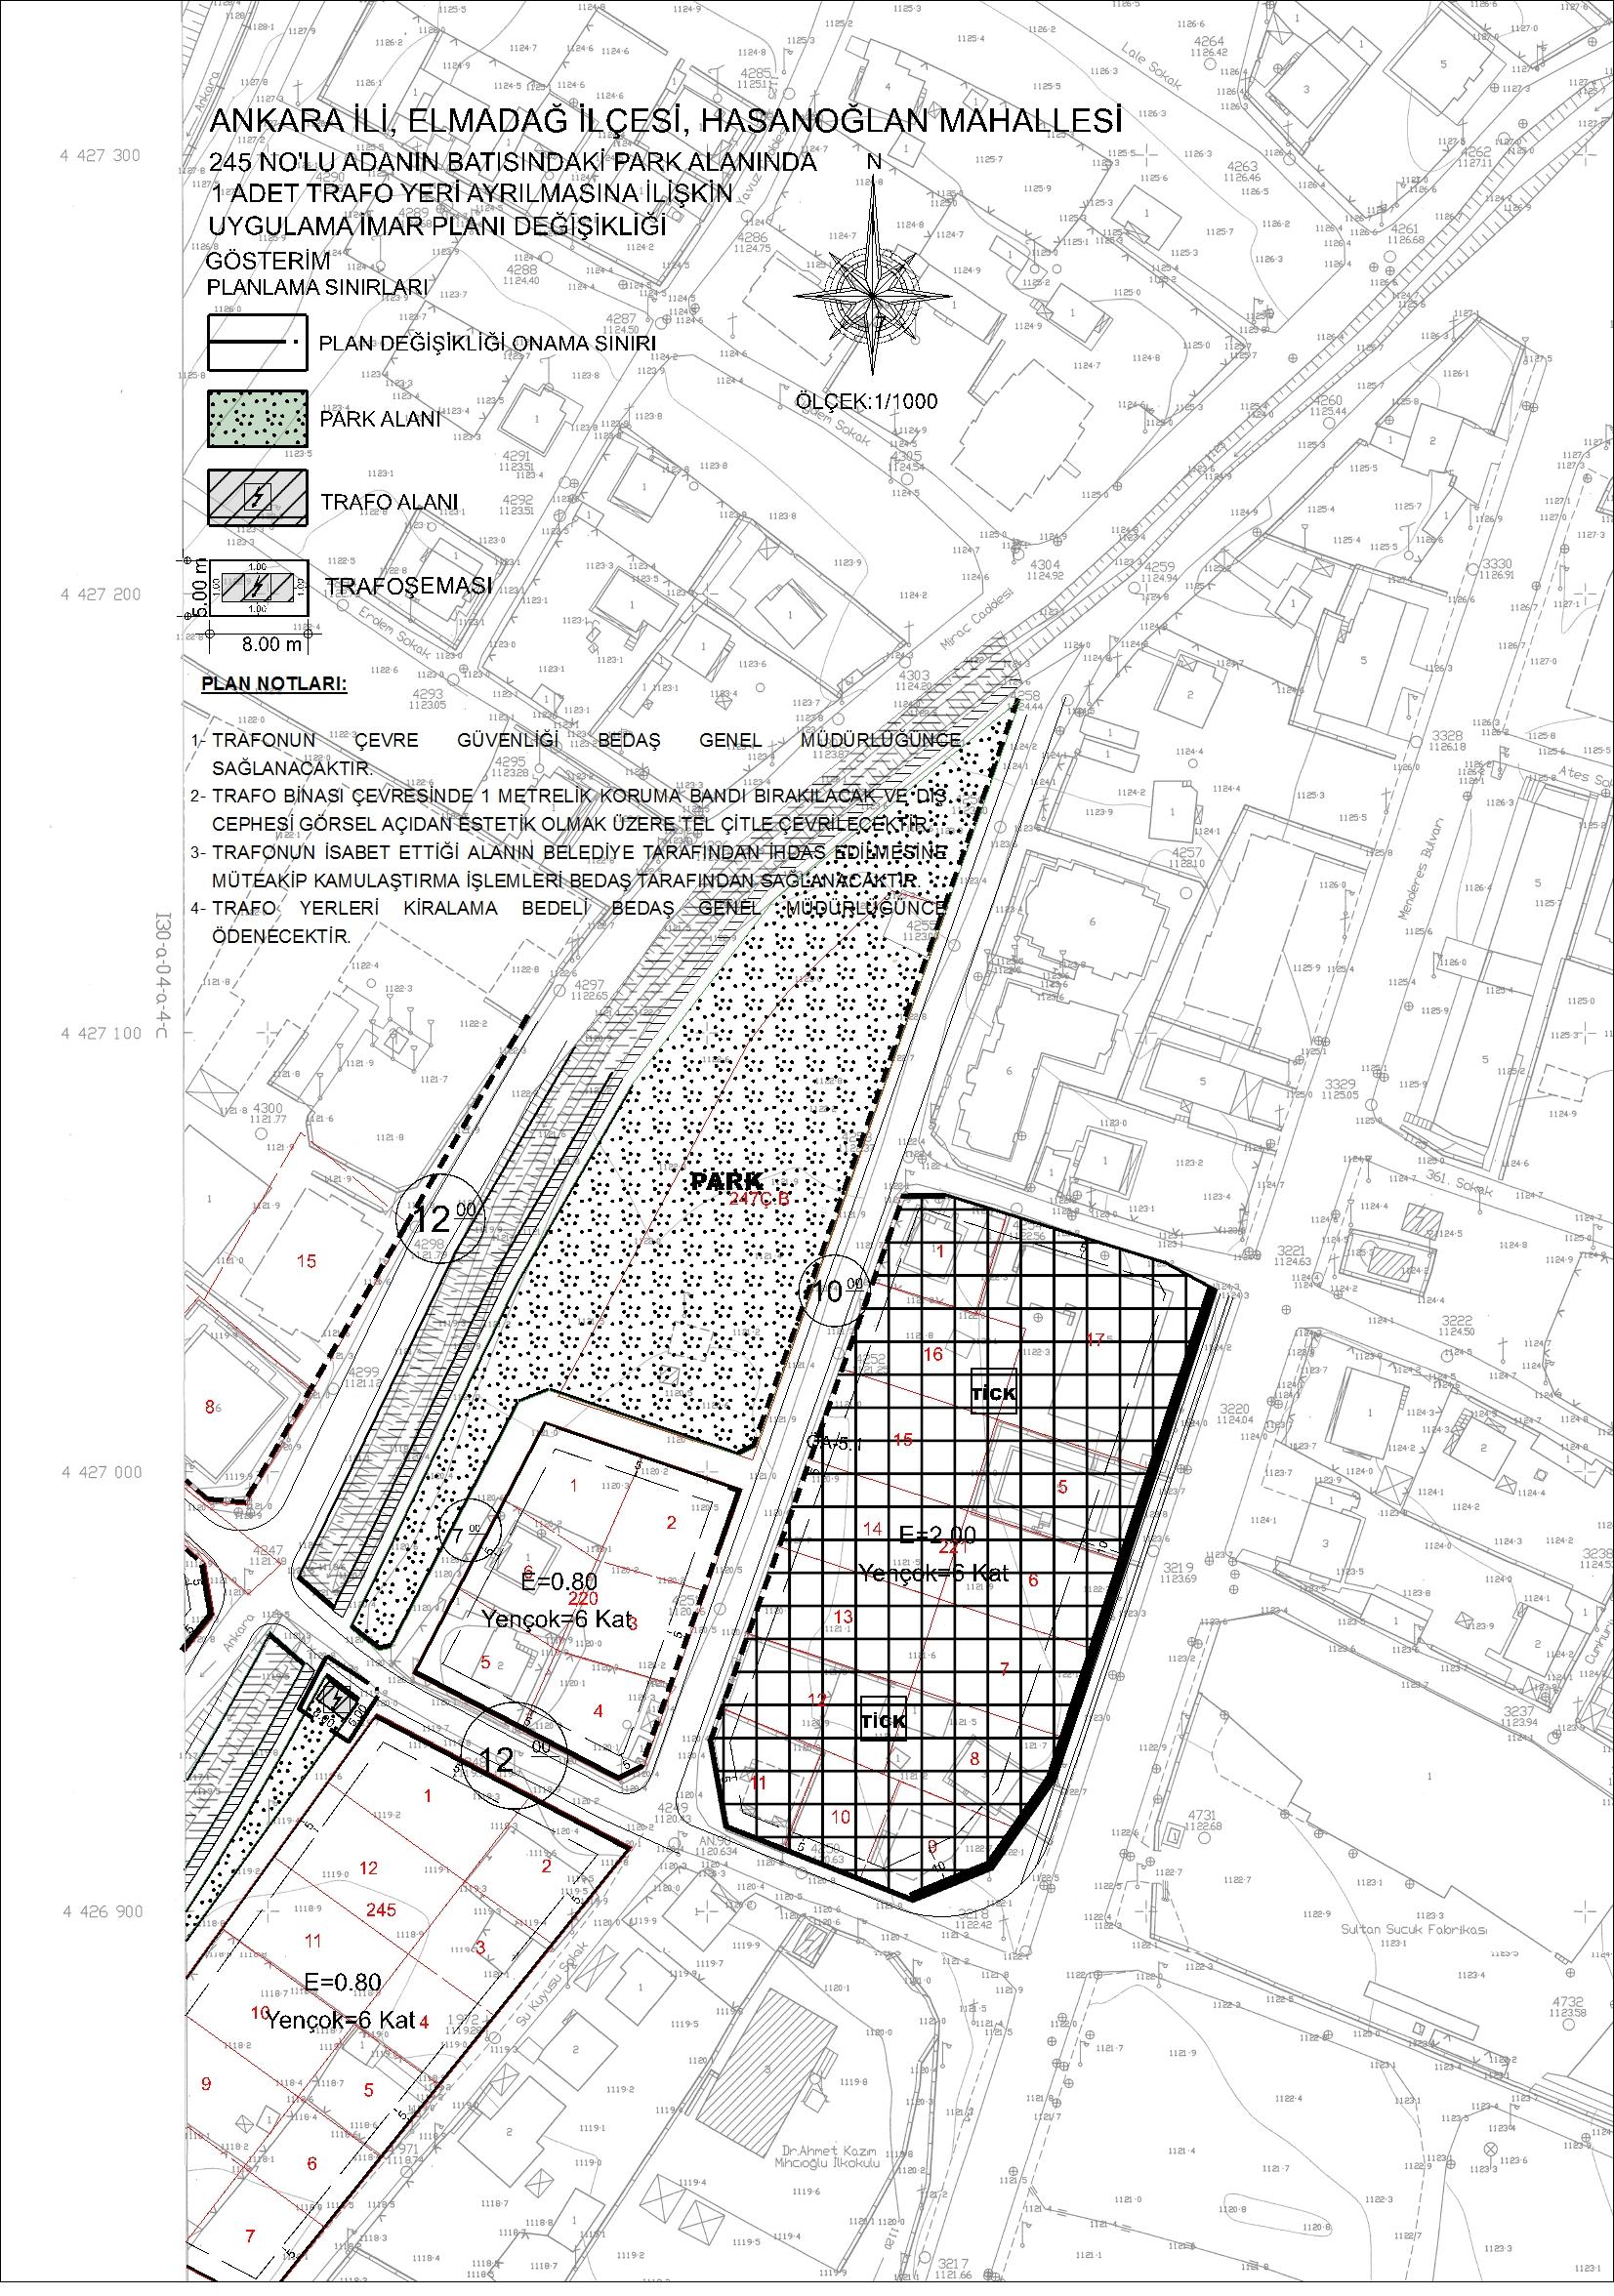 Bahçelievler Mahallesi 245 nolu adanın batısında bulunan park alanında trafo yeri ayrılmasına ilişkin UİPD